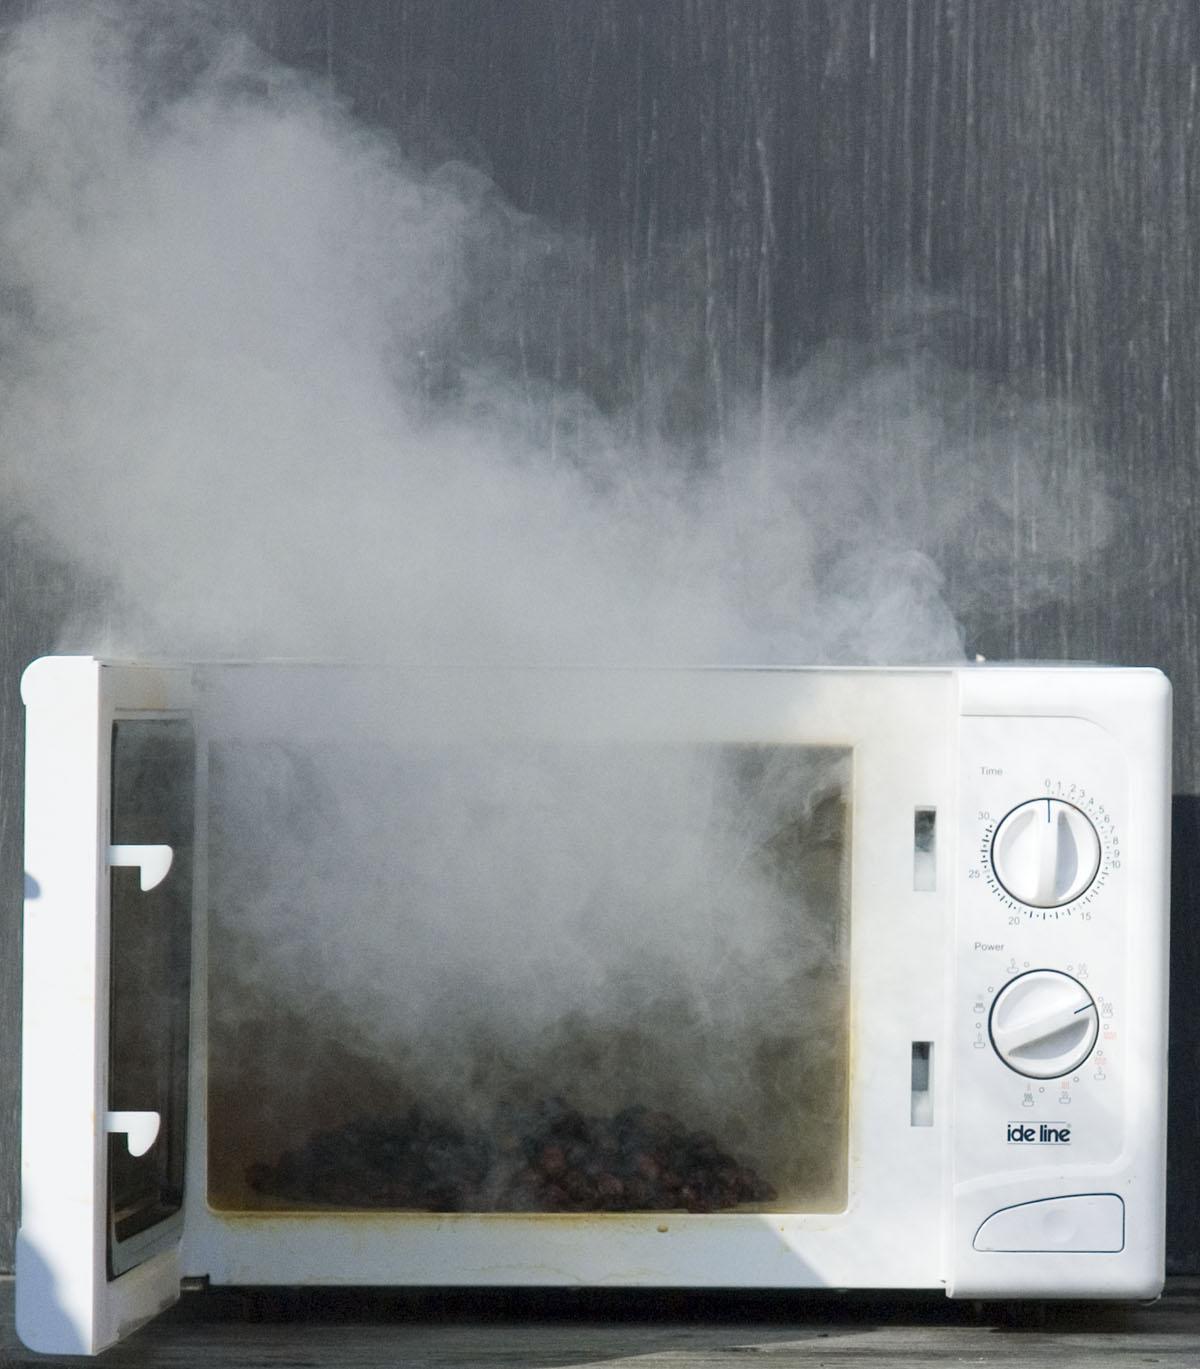 продать микроволновую печь